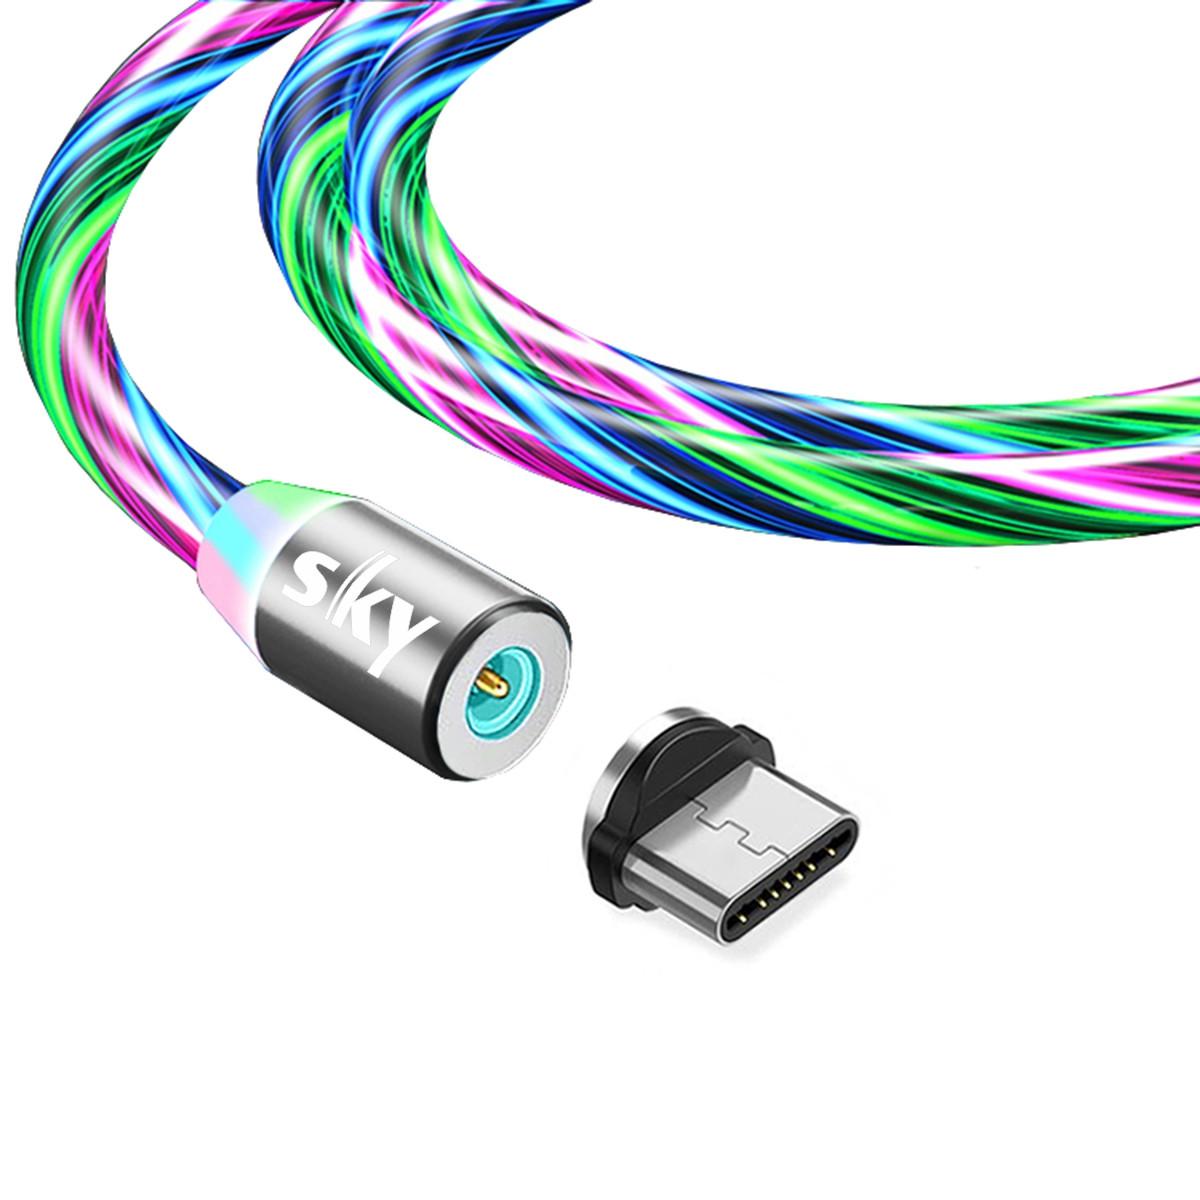 Магнітний кабель SKY type C (RZ) для заряджання (100 см) RGB